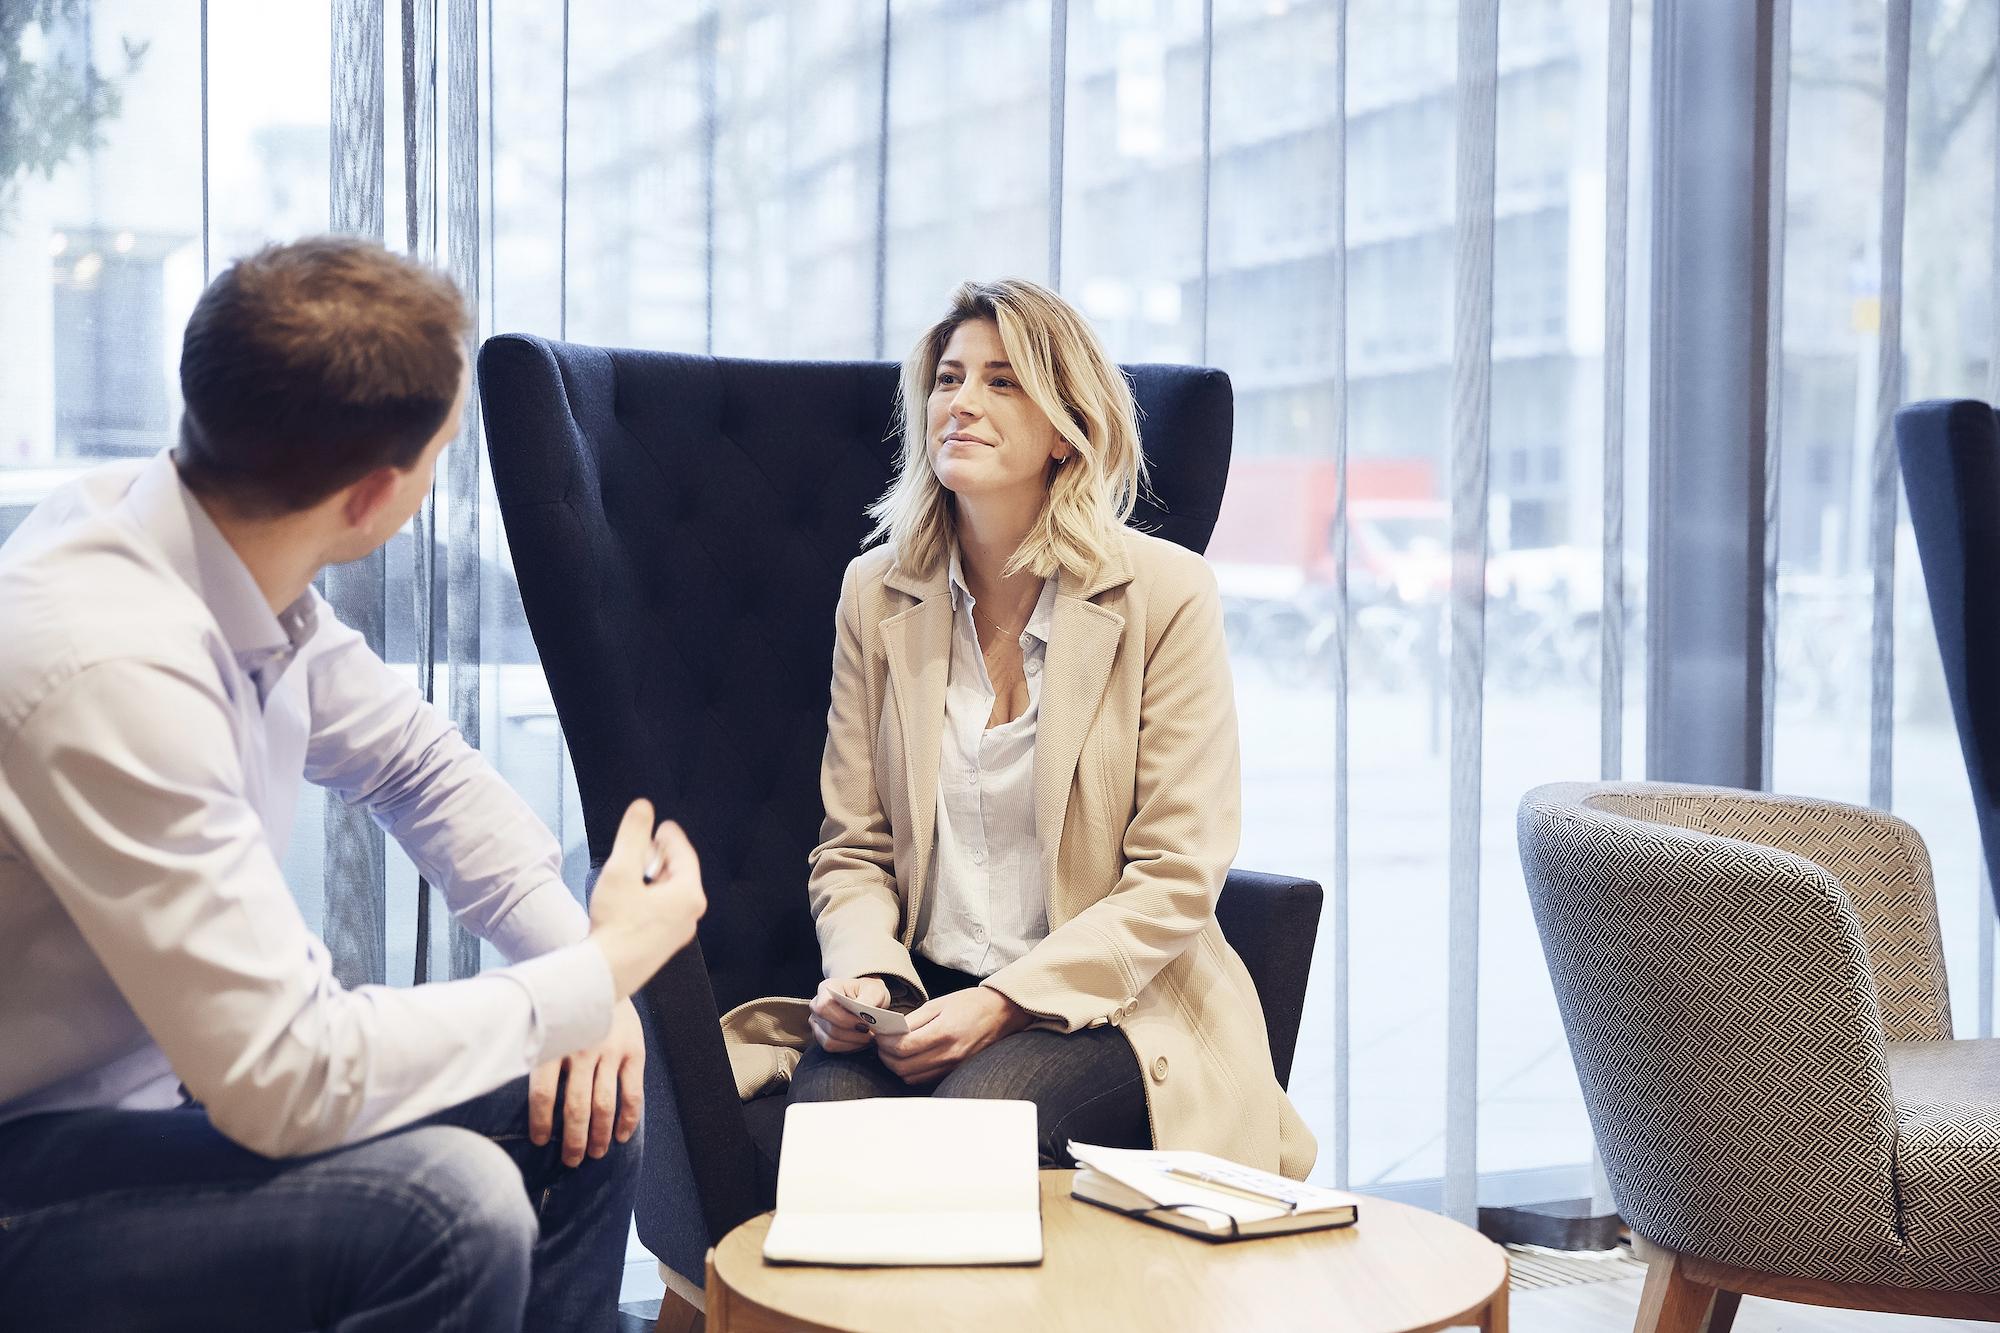 Neue Führungskultur im Finanzsektor: Team-Empowerment & Care-Gen statt Status und Macht